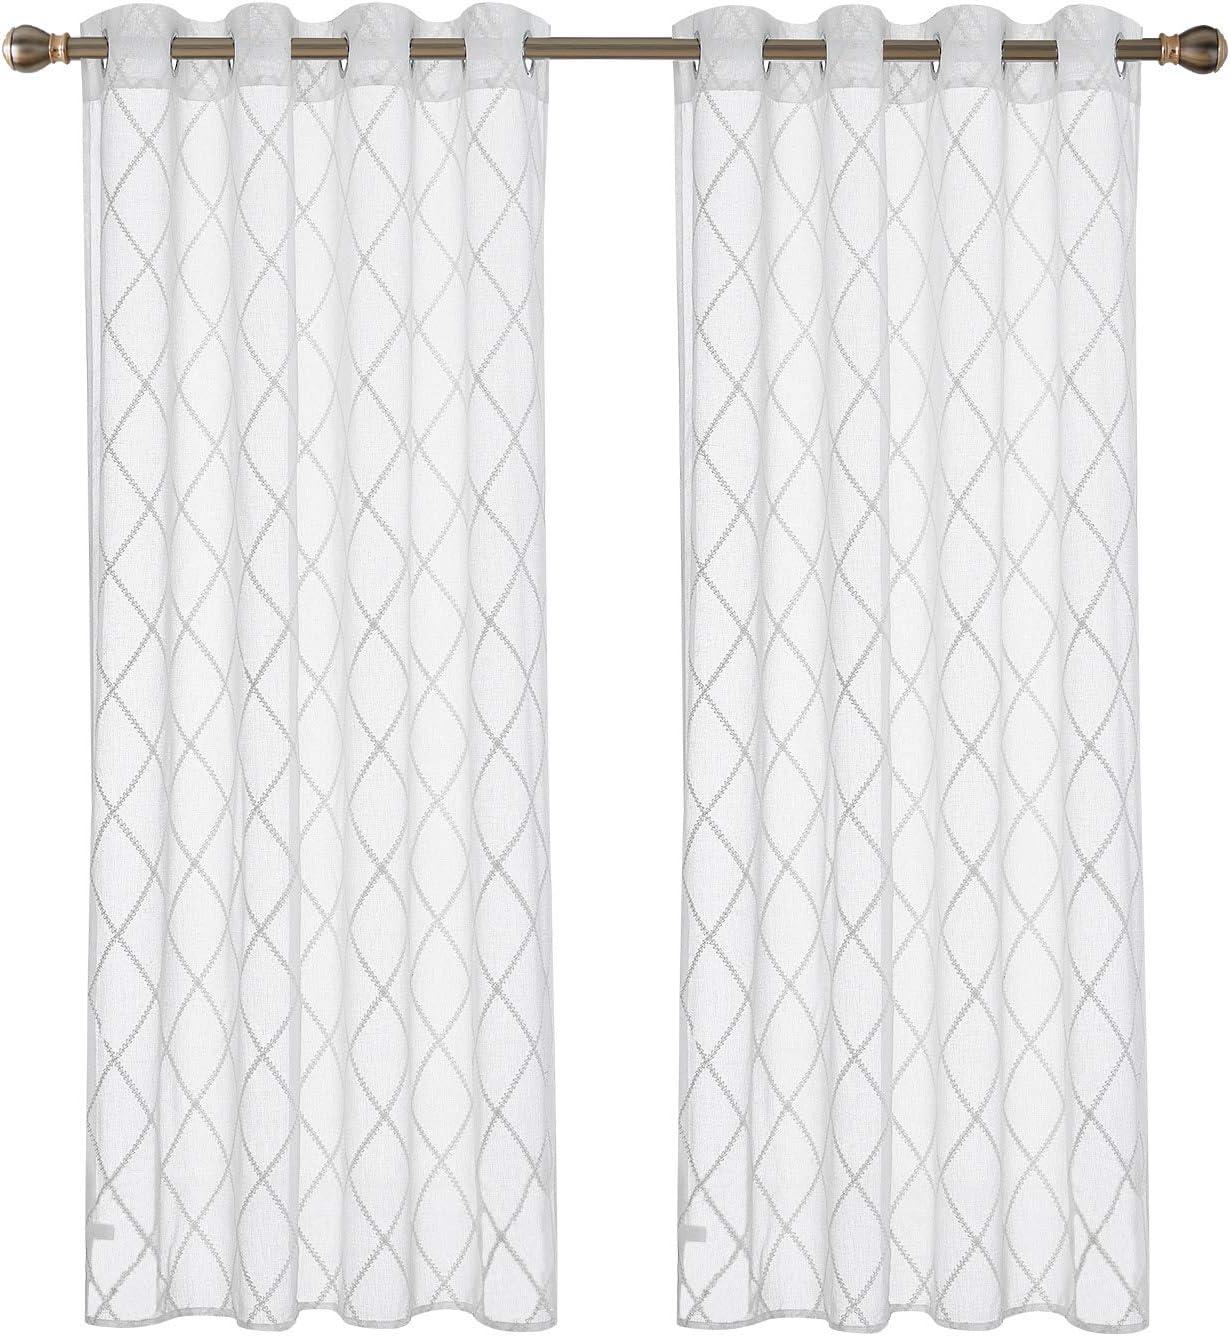 Deconovo Lot de 2 Voilage Enfant Decoration en Effet Lin pour Chambre Broderie Motif G/éom/étrique /à Oeillets Rideau Voile Blanc Fenetre Transparent 140x245cm